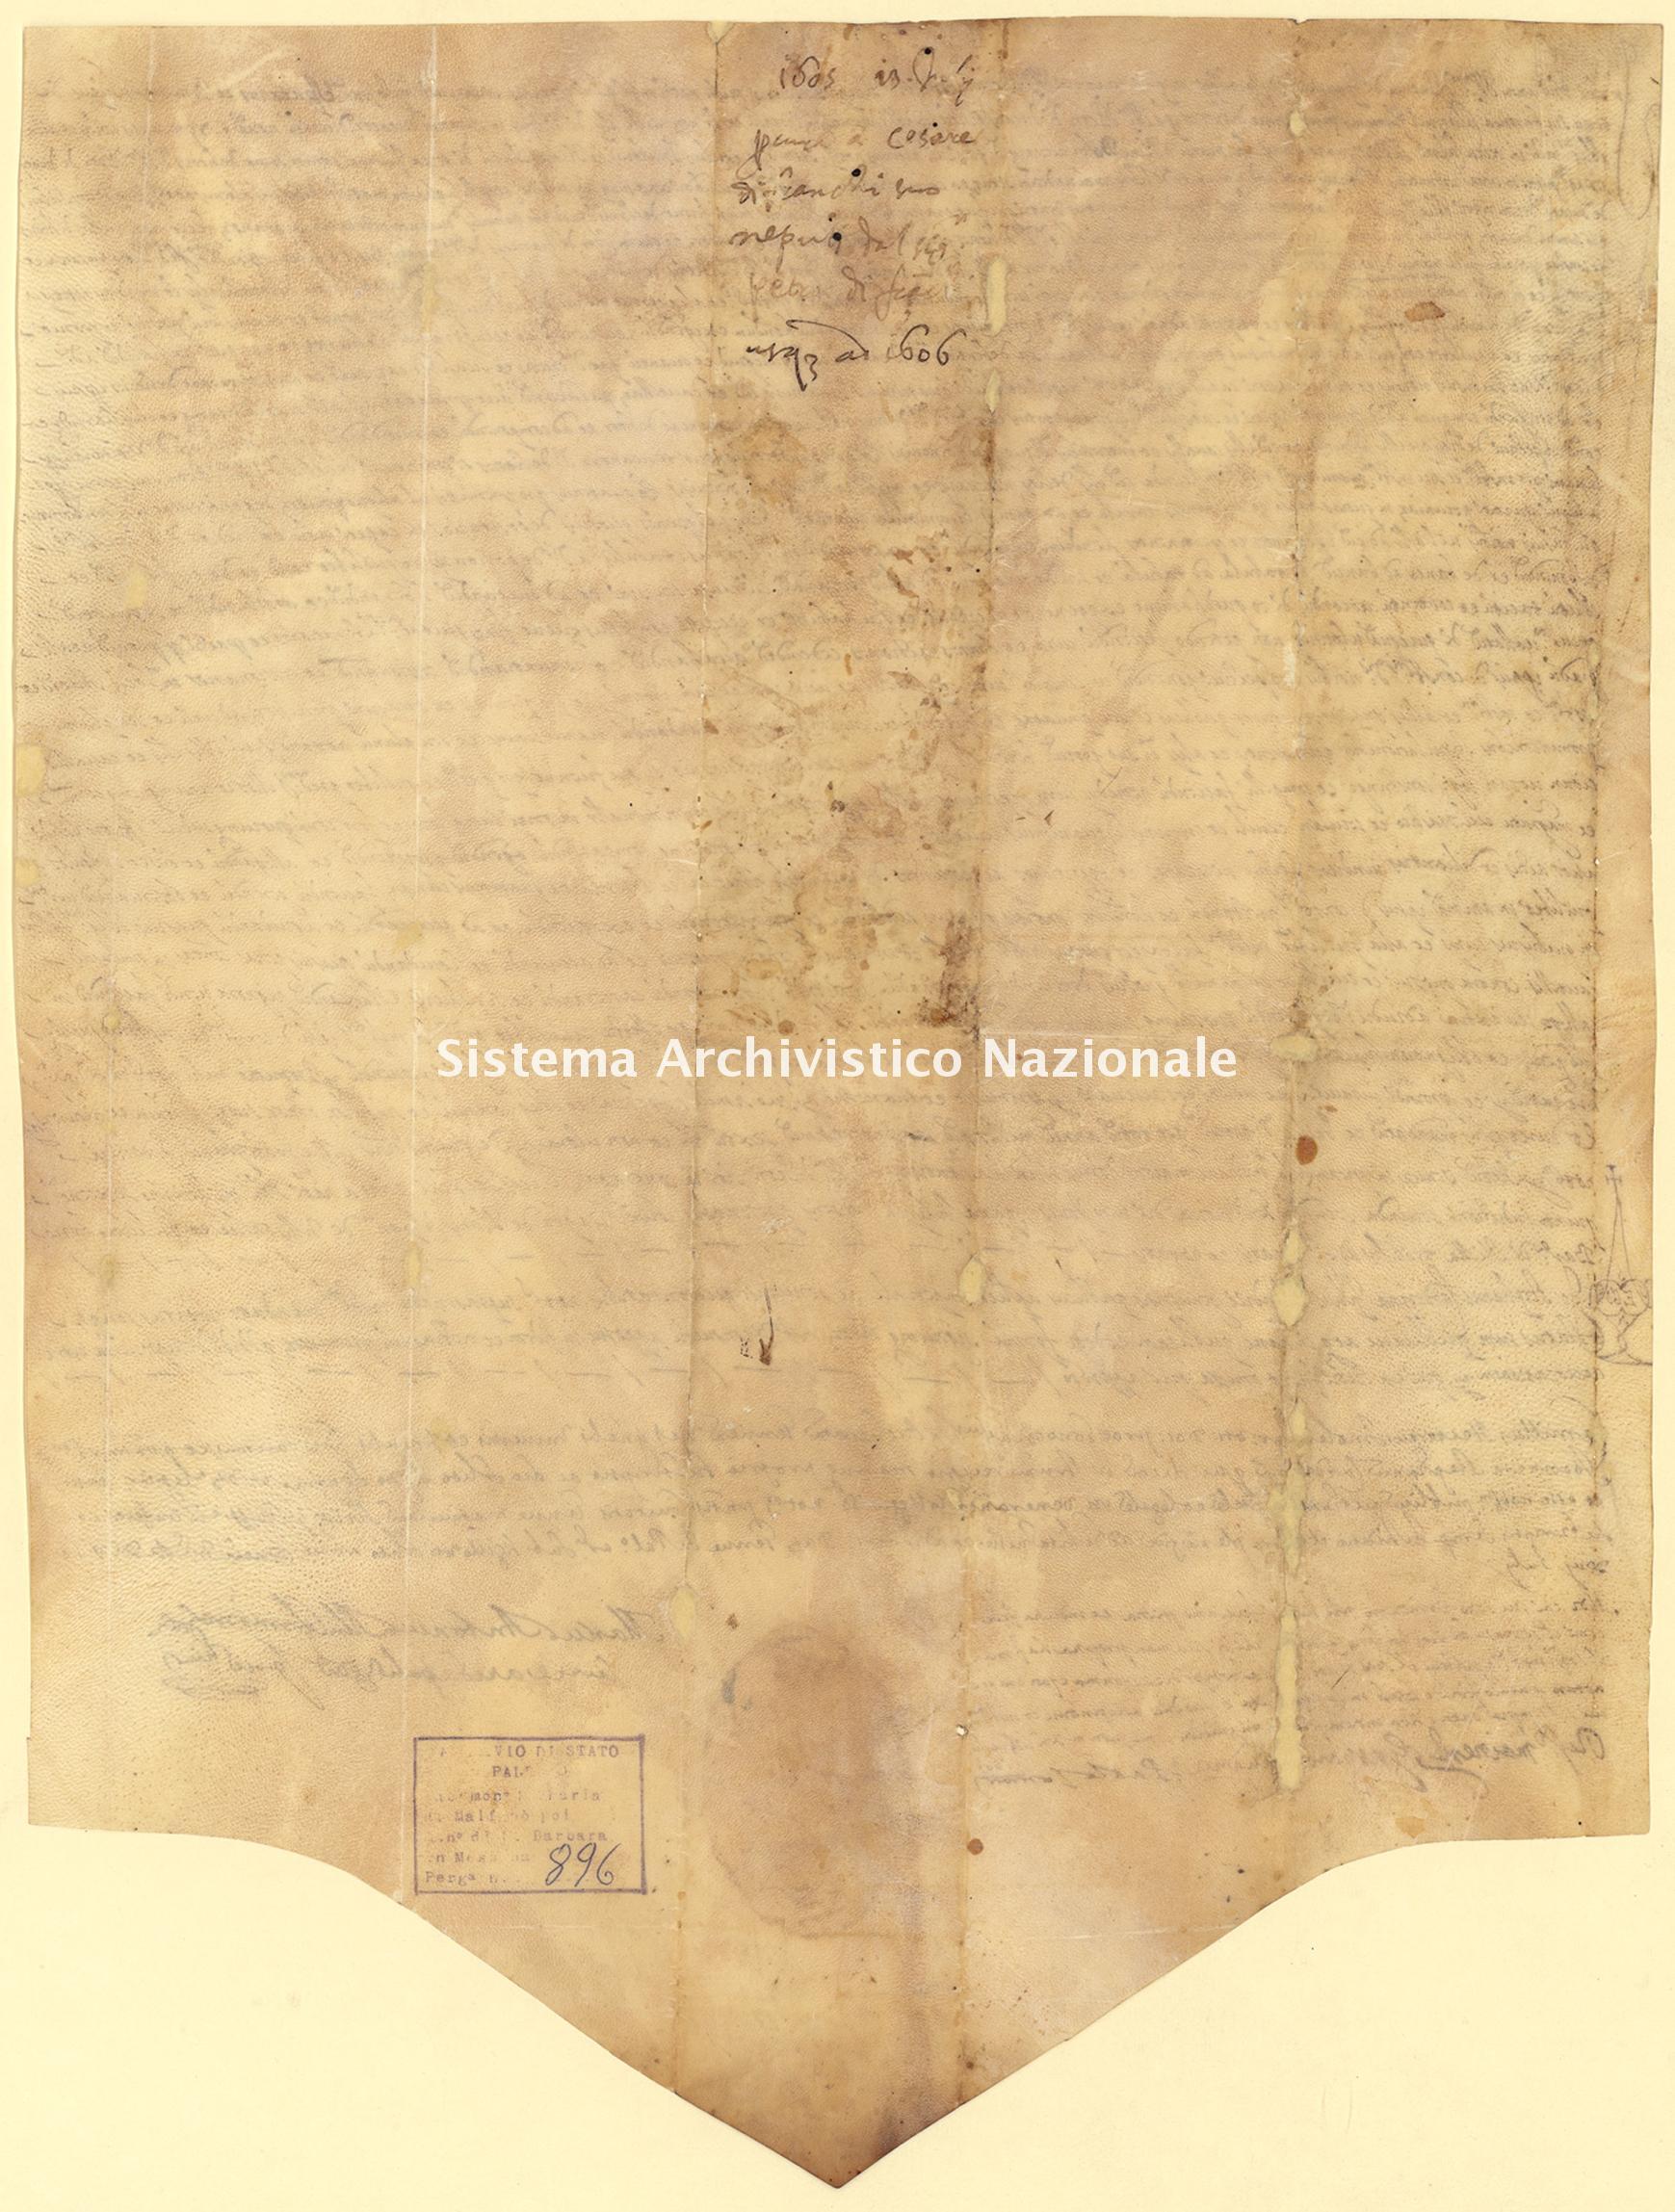 Archivio di Stato di Palermo, Diplomatico, Tabulario del monastero di Santa Maria di Malfinò poi Santa Barbara, Pergamena TSMM 896